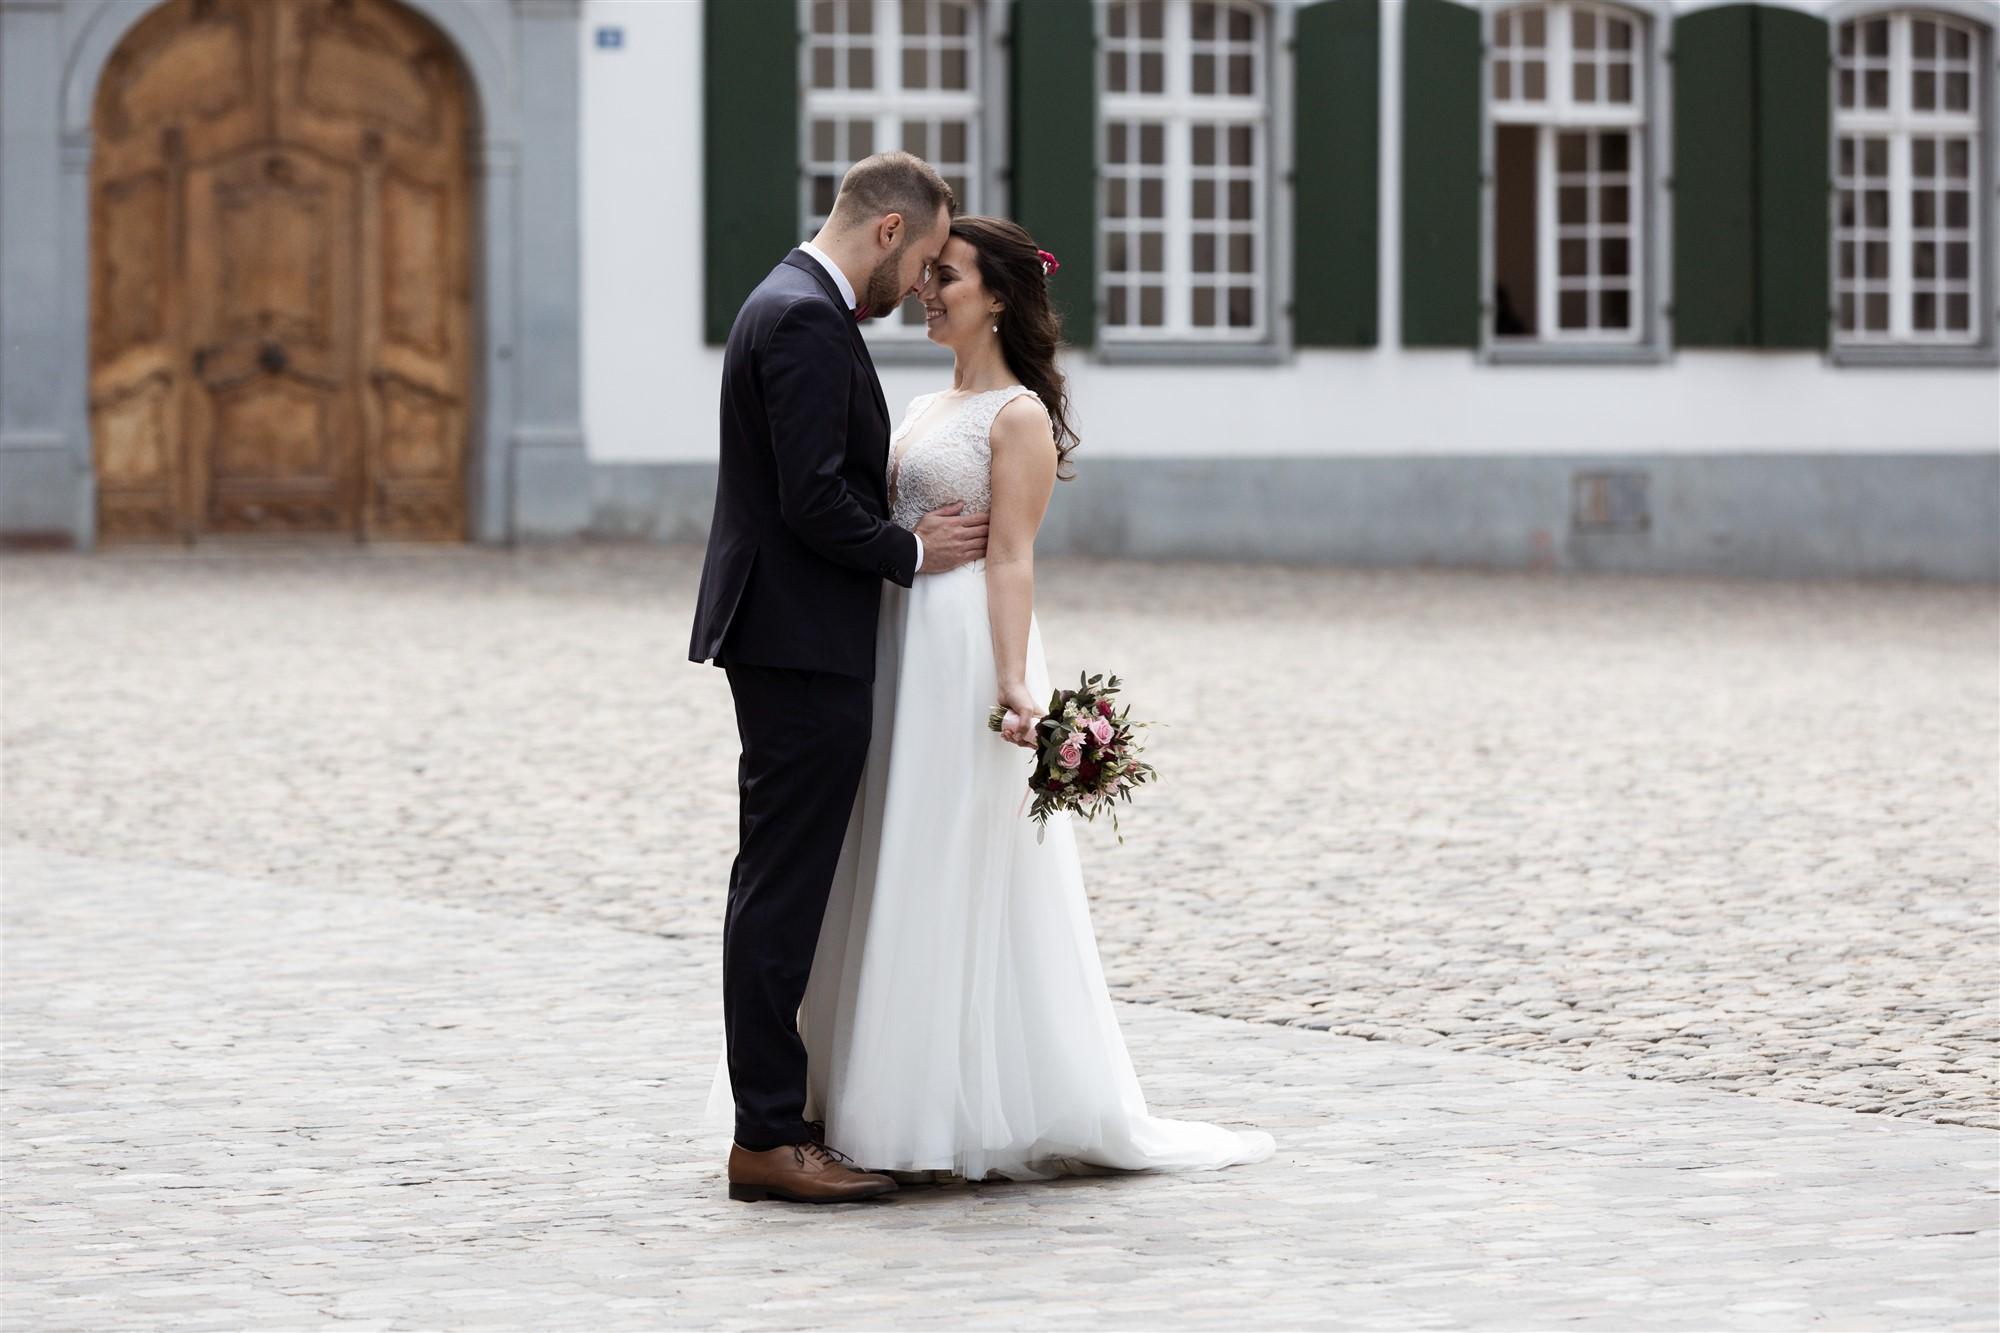 Zivile Trauung in Basel - Brautpaar Fotoshooting auf dem Münsterplatz in Basel - Hochzeitsfotografen Basel